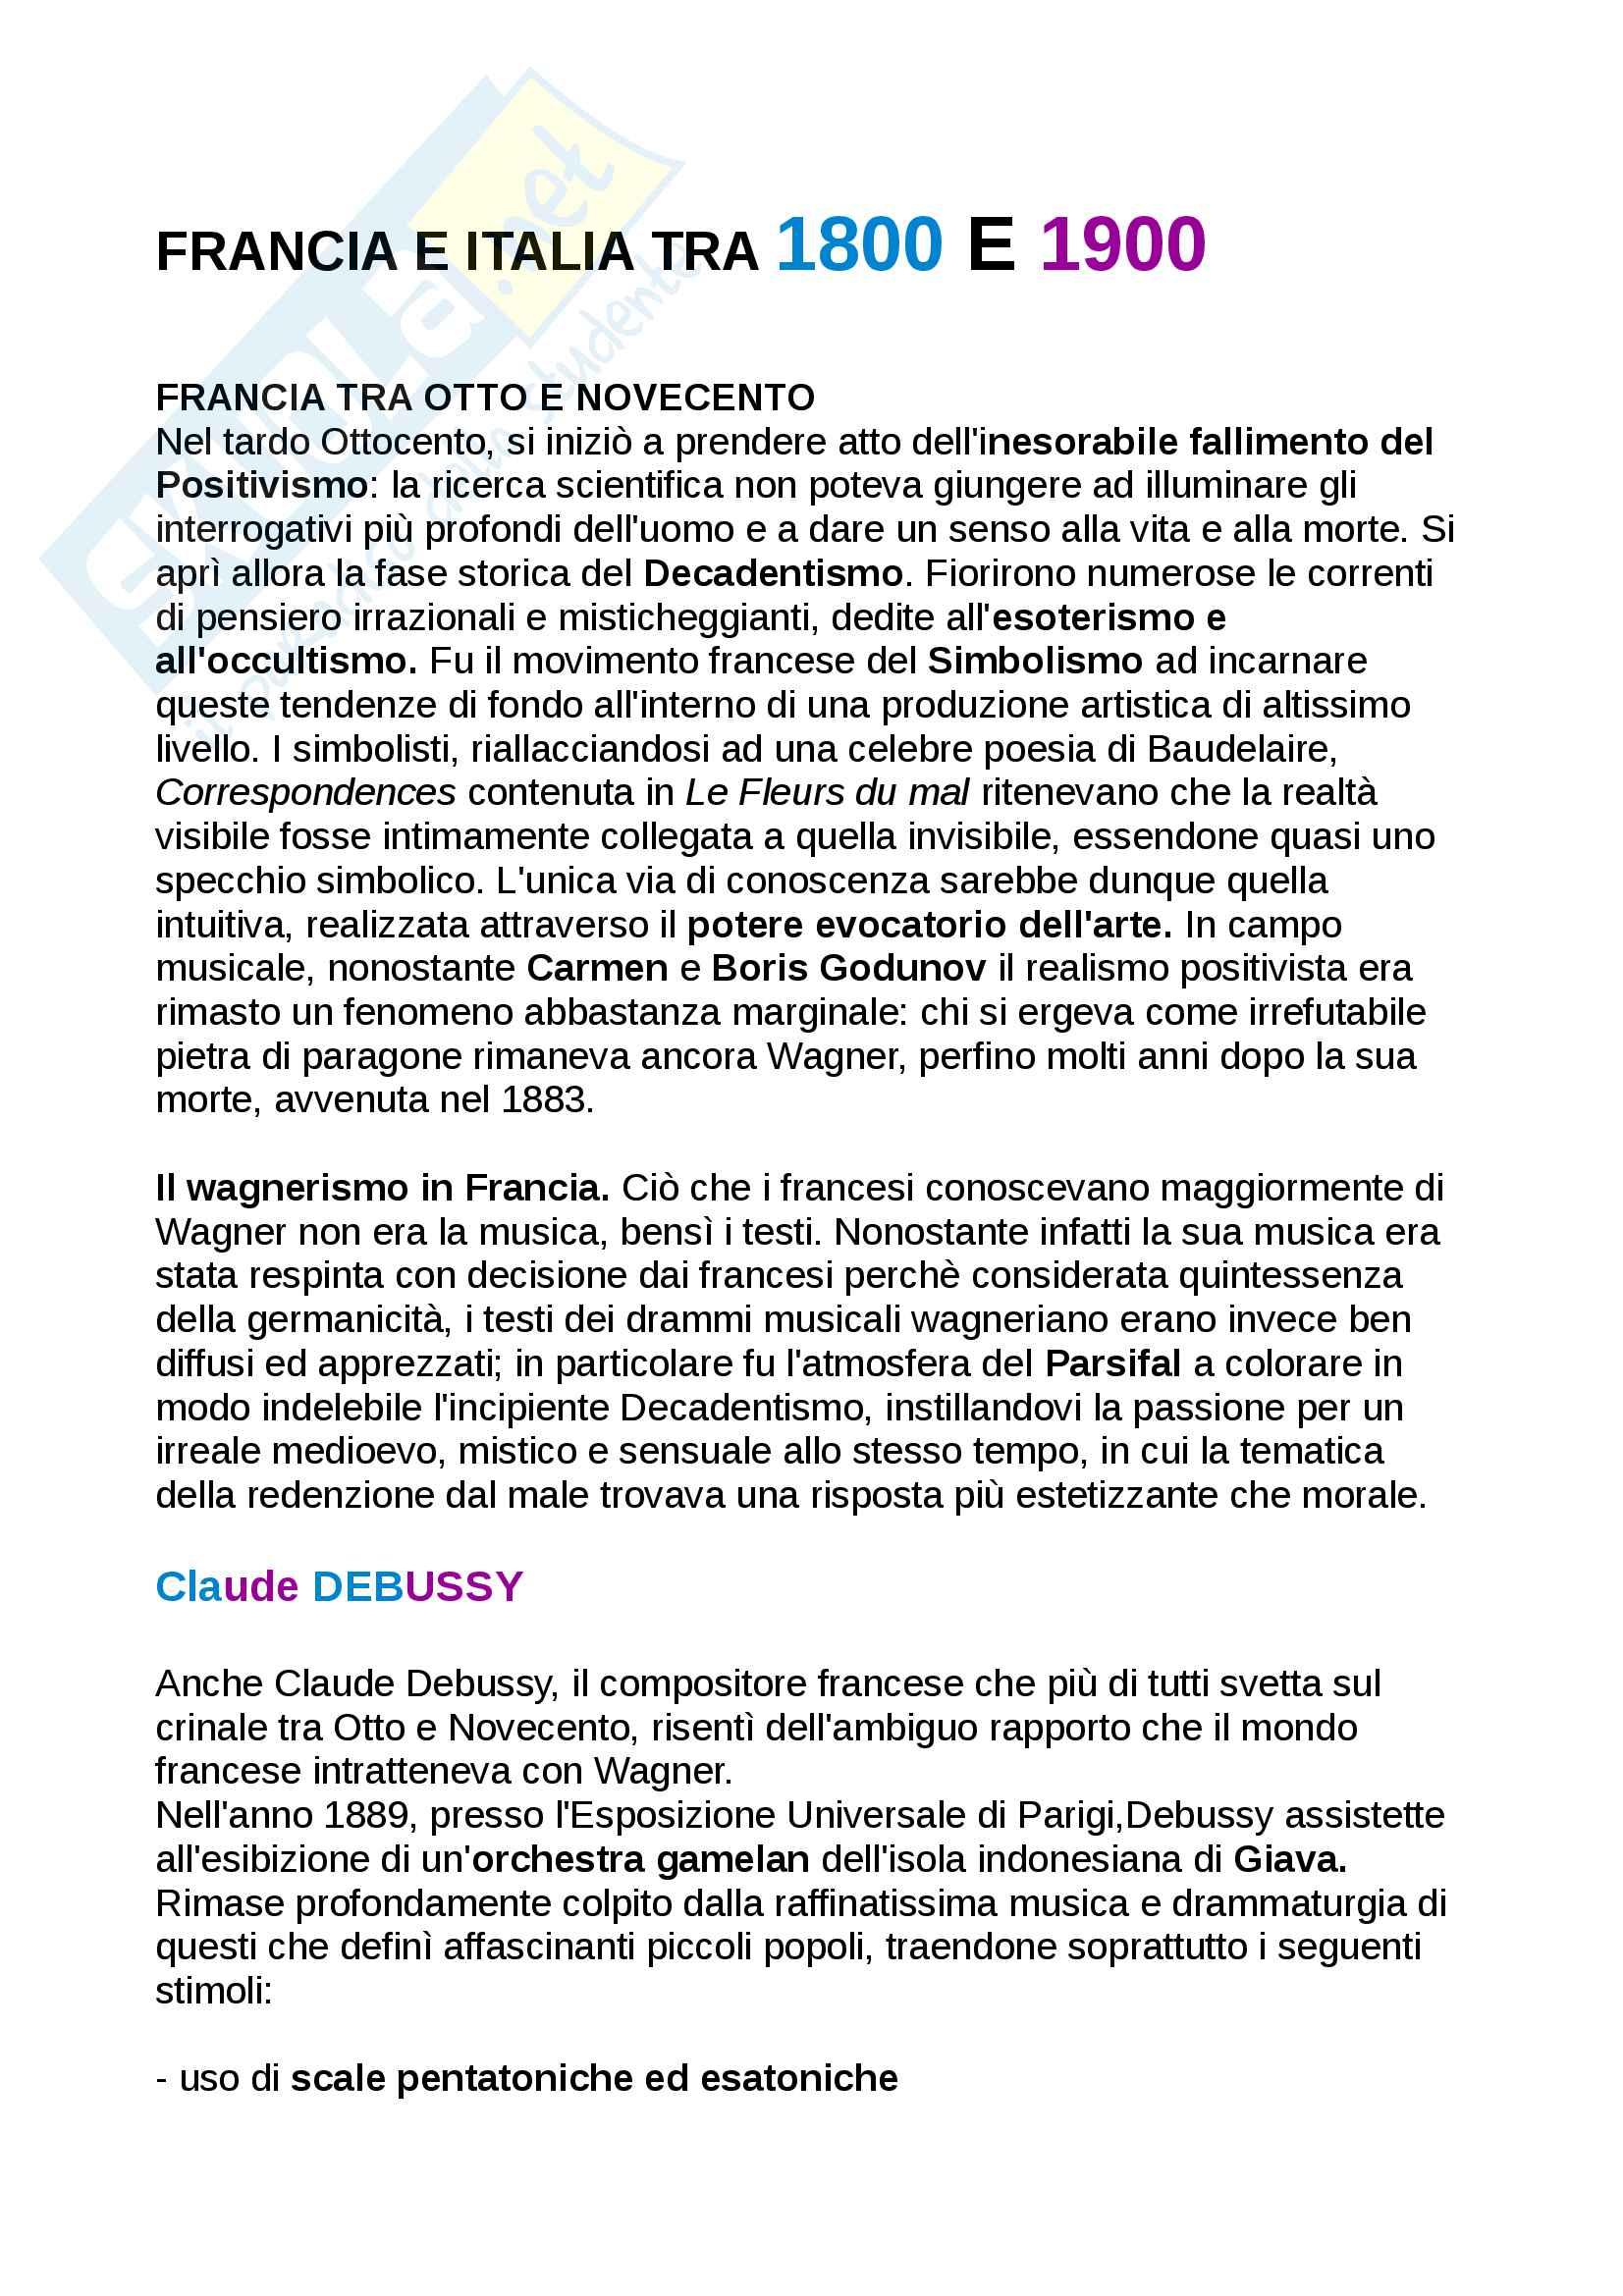 Riassunto Storia della musica moderna e contemporanea, libro consigliato: Manuale Carrozzo, Cimagalli - il 1900